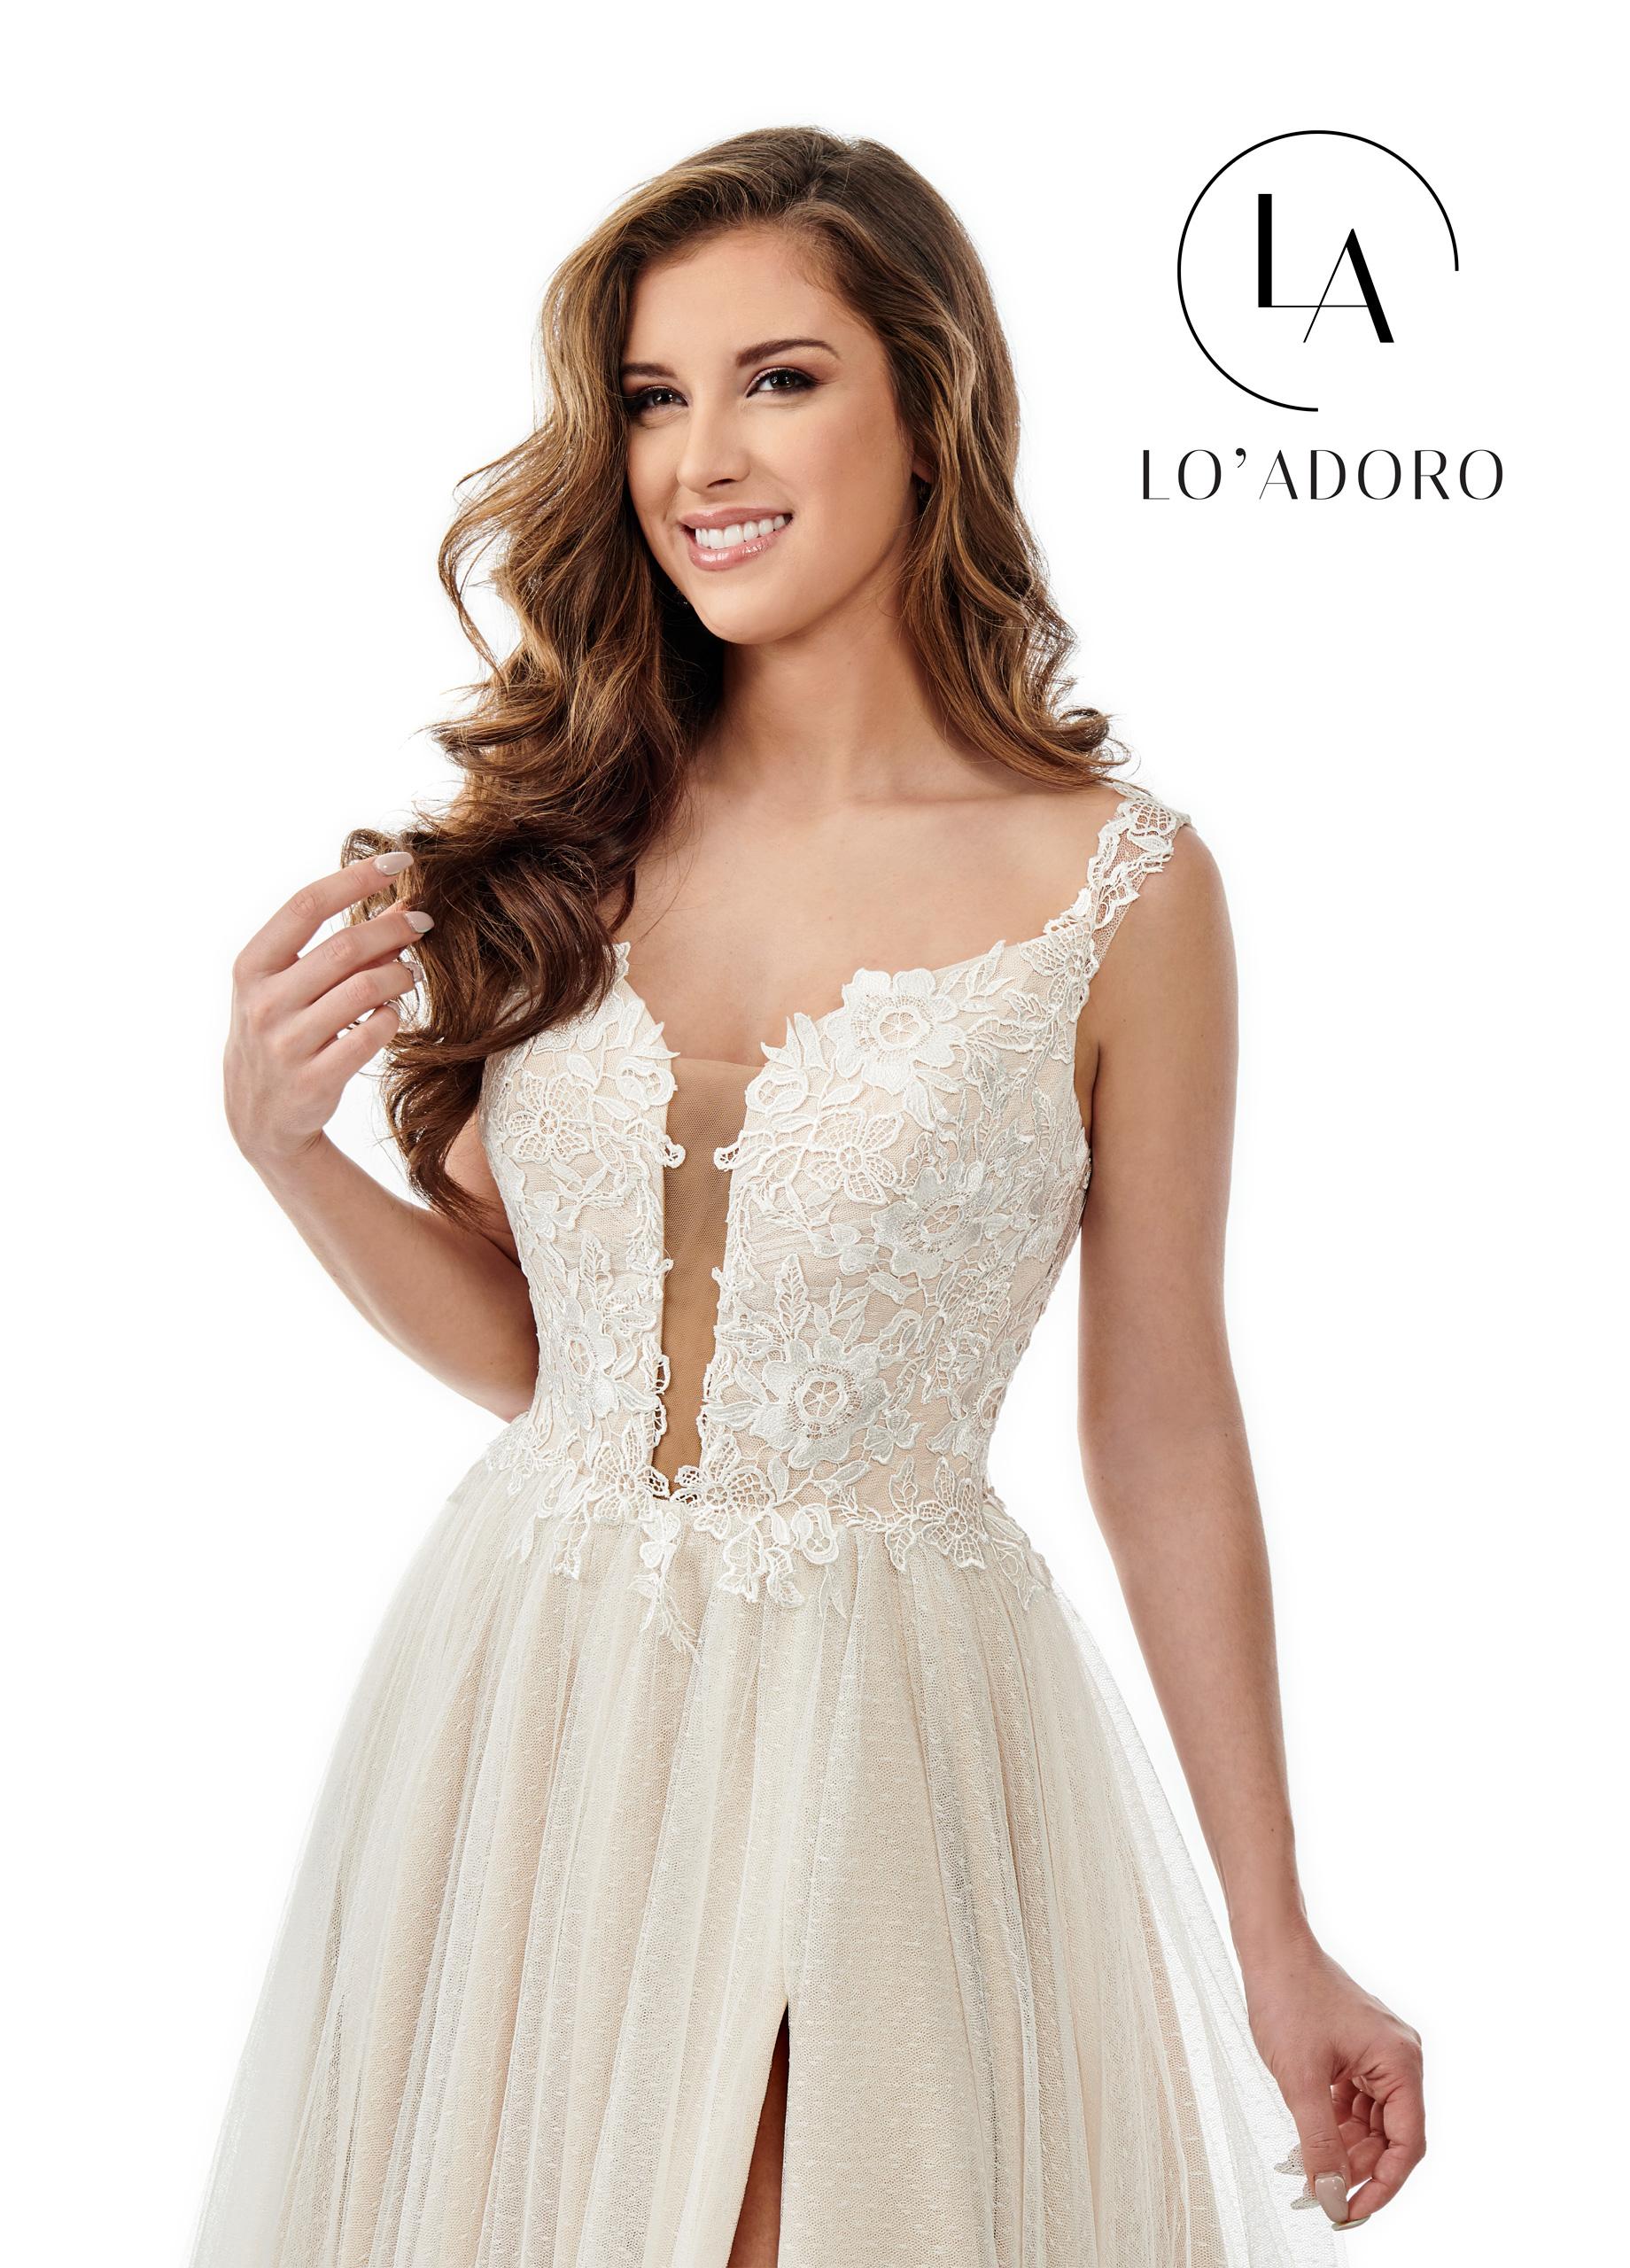 Lo Adoro Bridal Dresses   Lo' Adoro   Style - M761